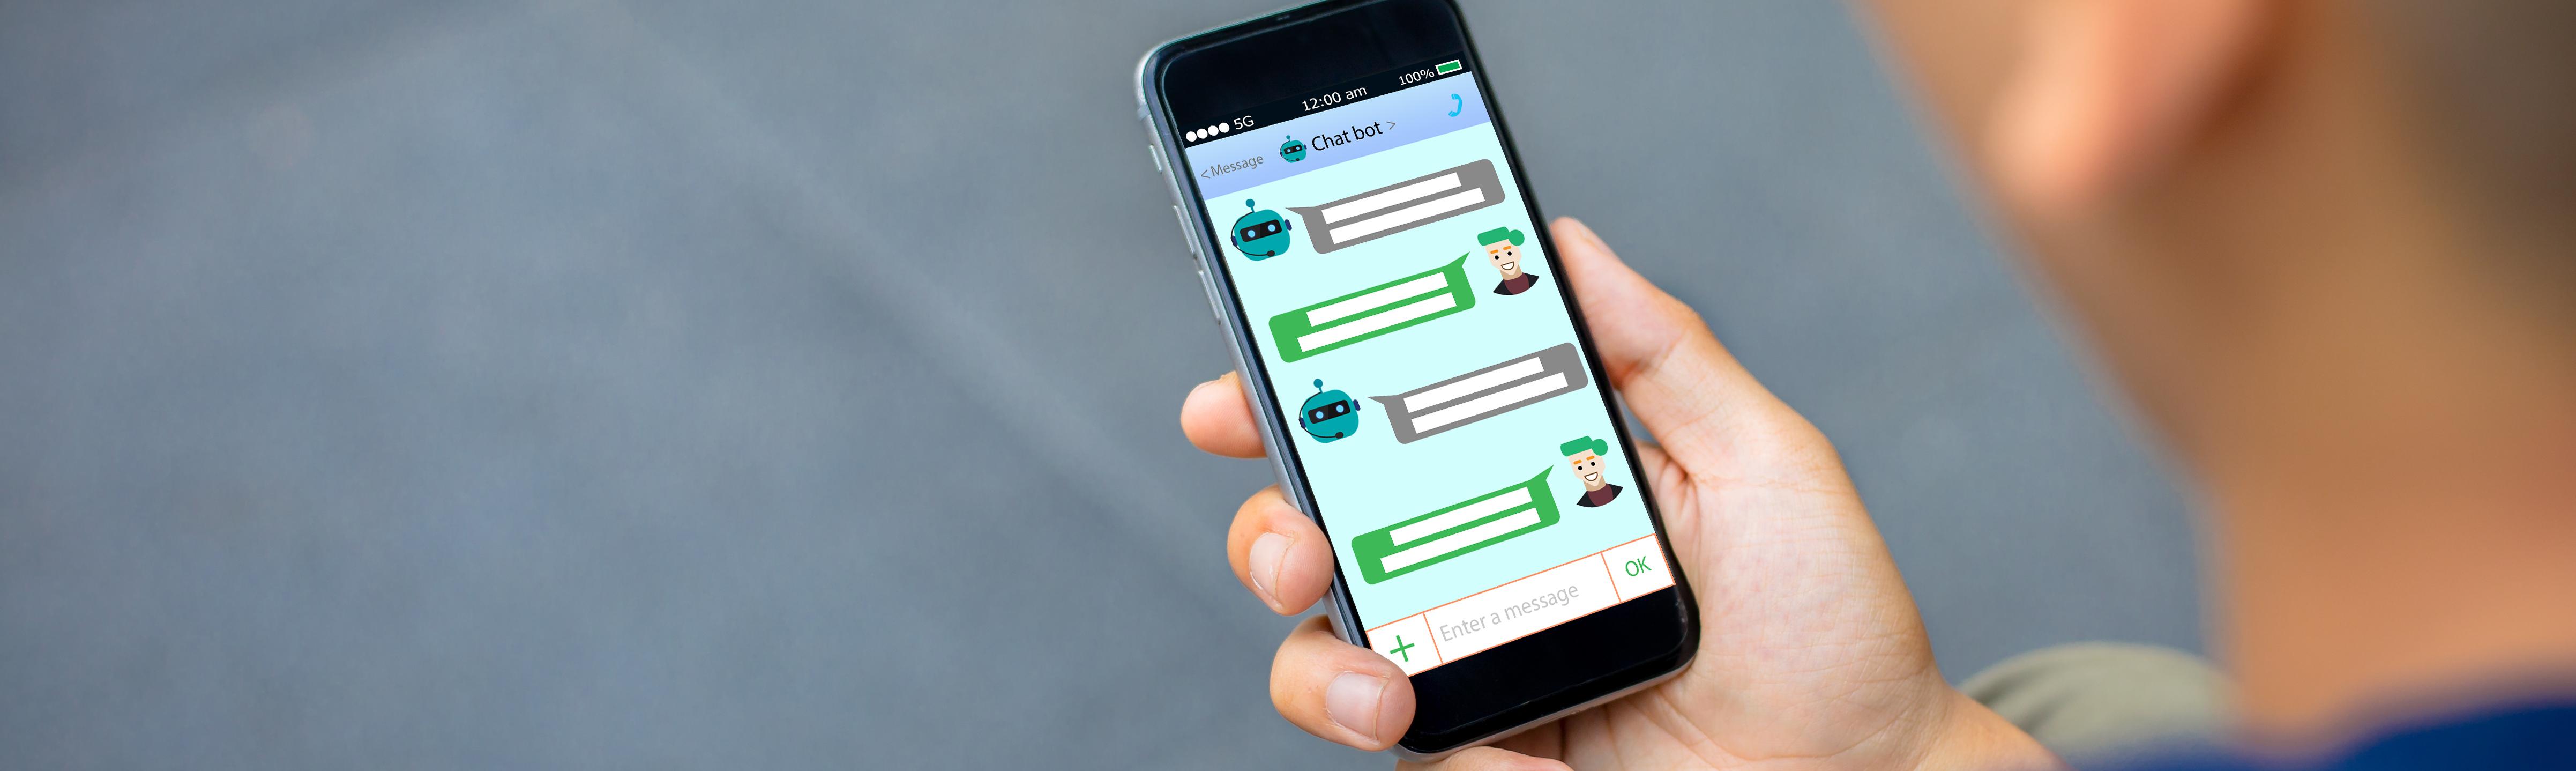 Chatbots: de interessantste toepassingen voor jouw organisatie - Frankwatching